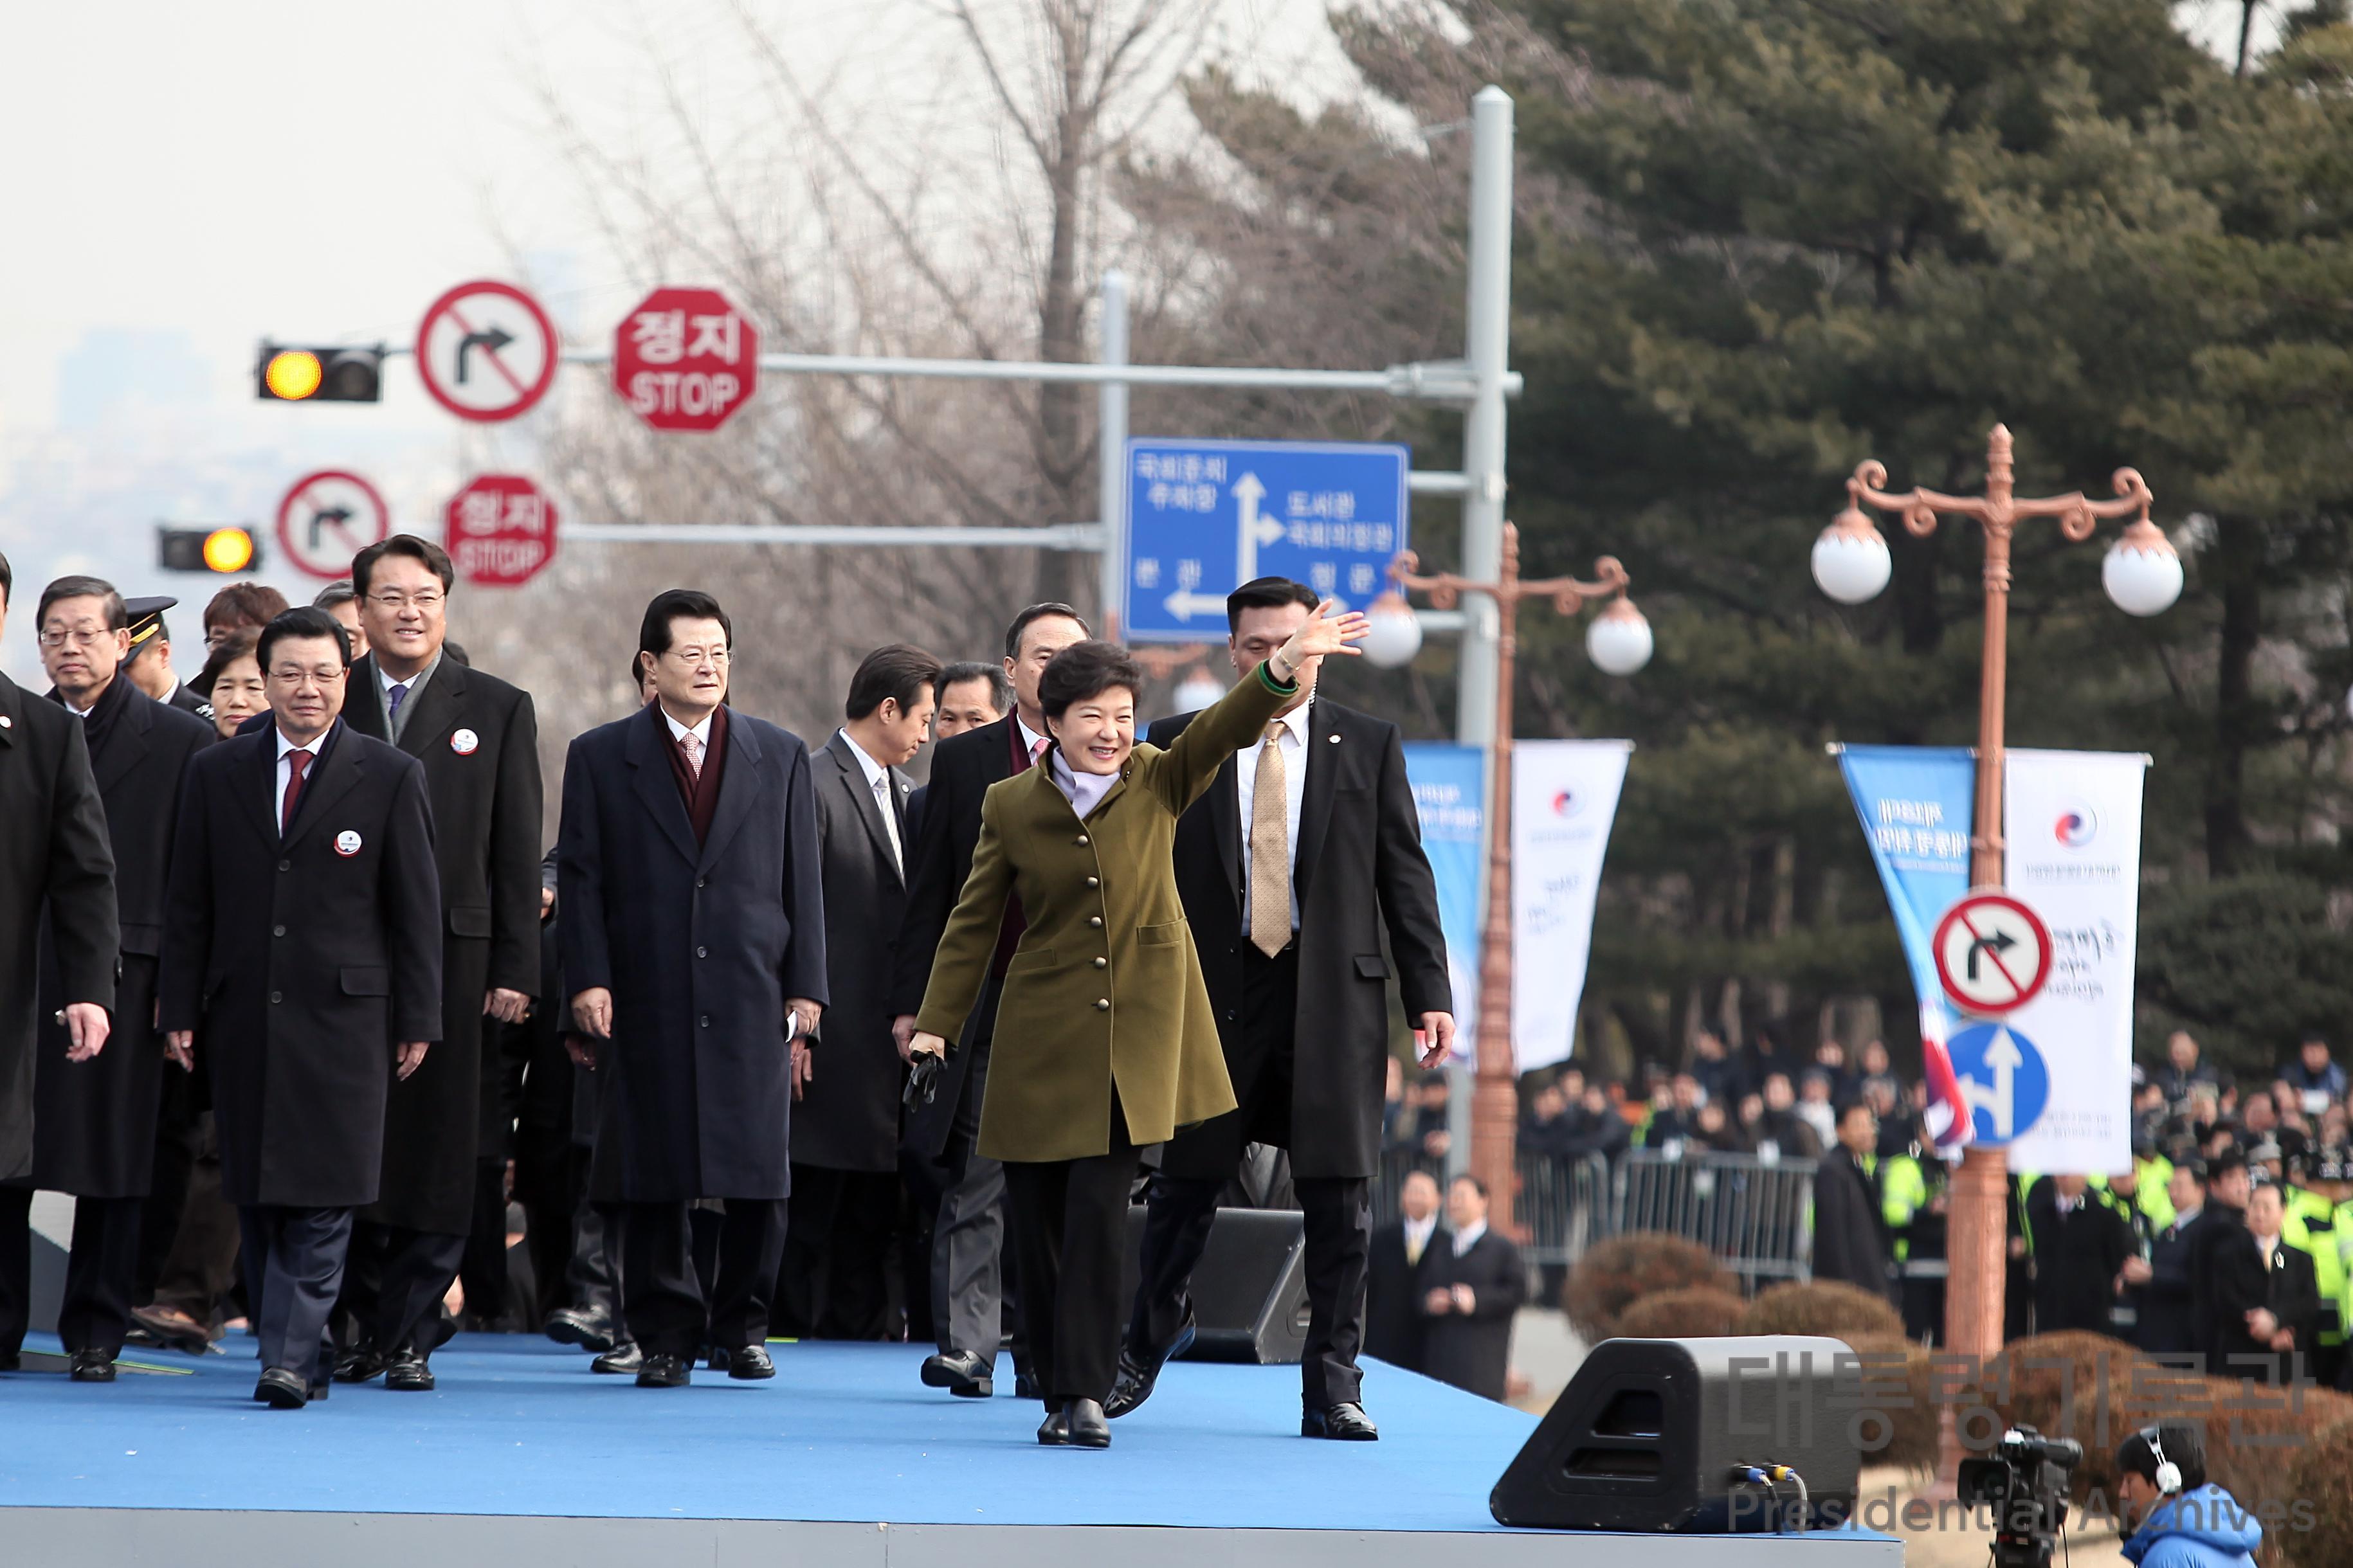 제18대 박근혜 대통령 취임식 후 행진 사진